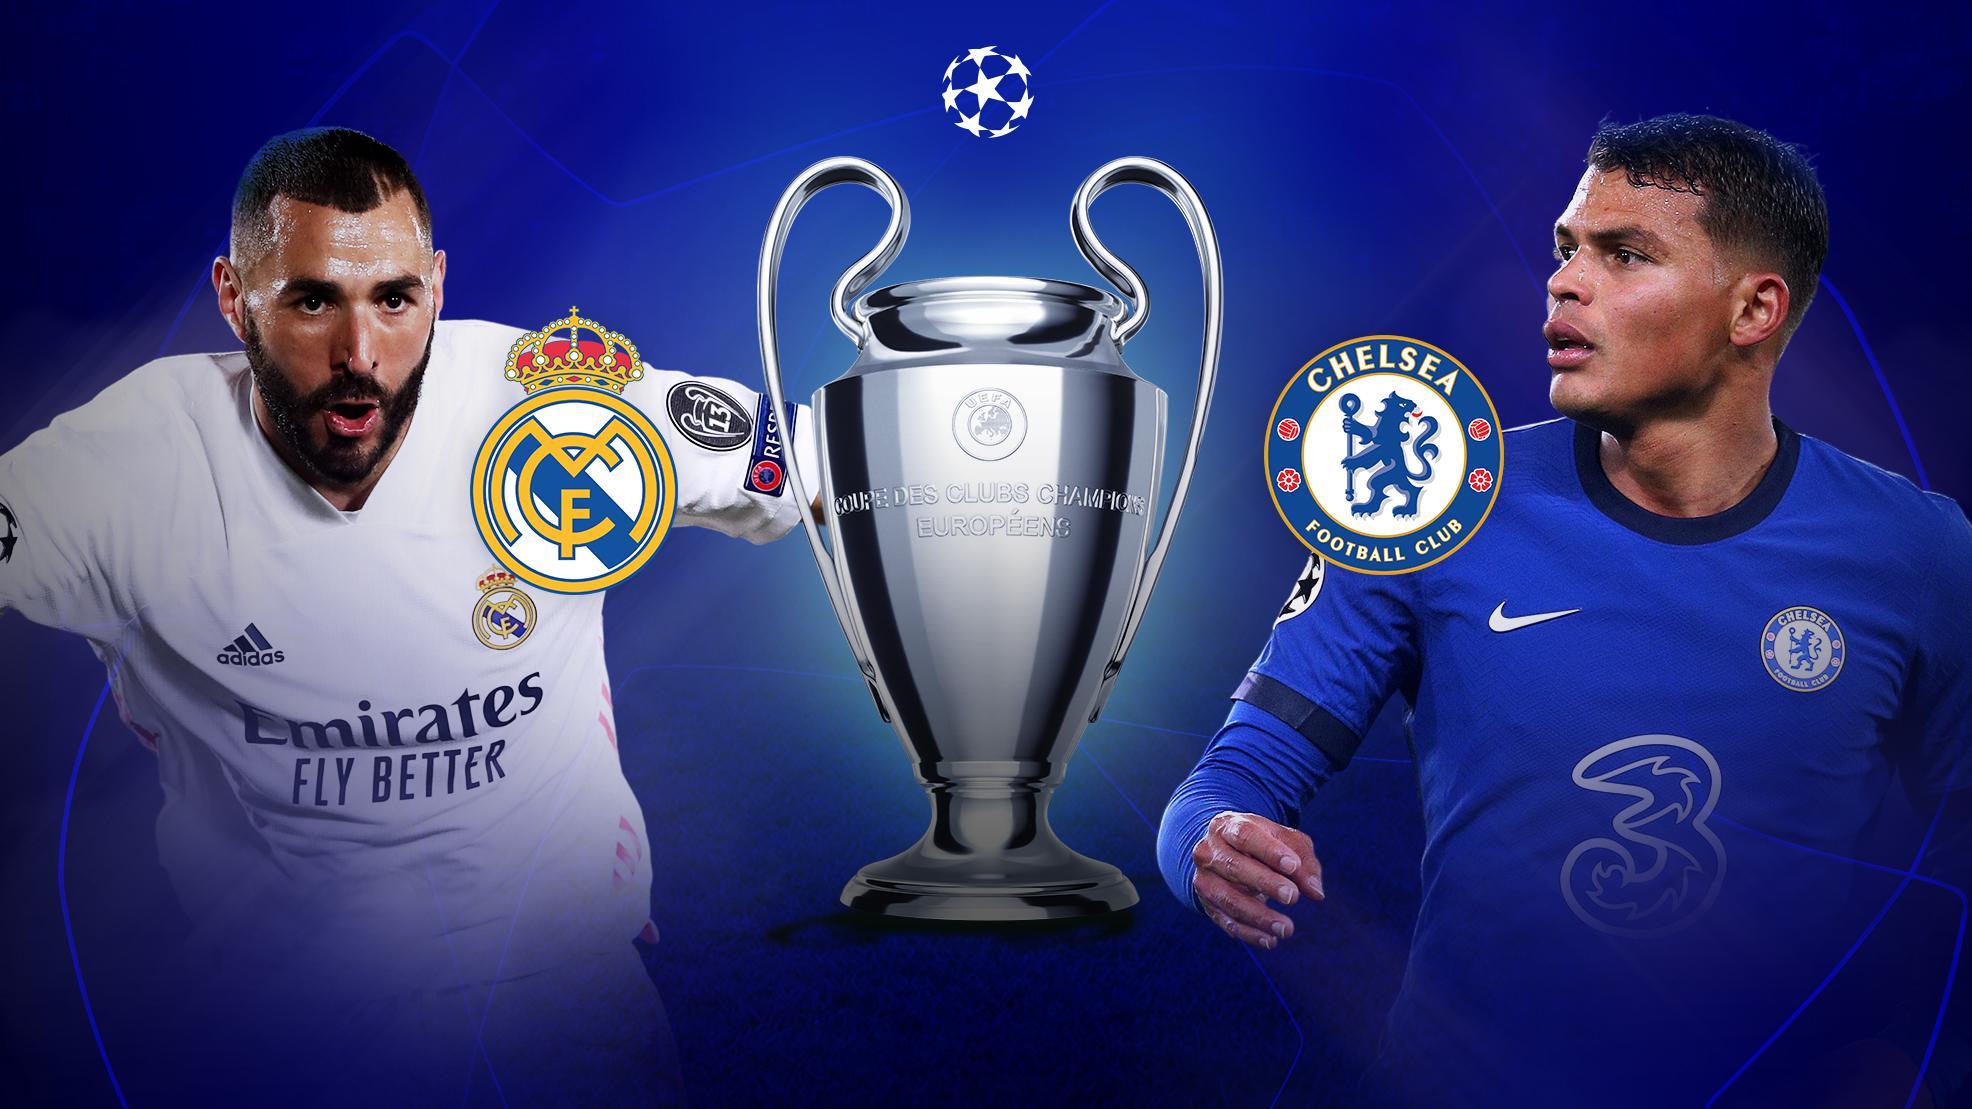 ريال مدريد وتشيلسي.. من يحجز بطاقة التأهل إلى نهائي دوري أبطال أوروبا